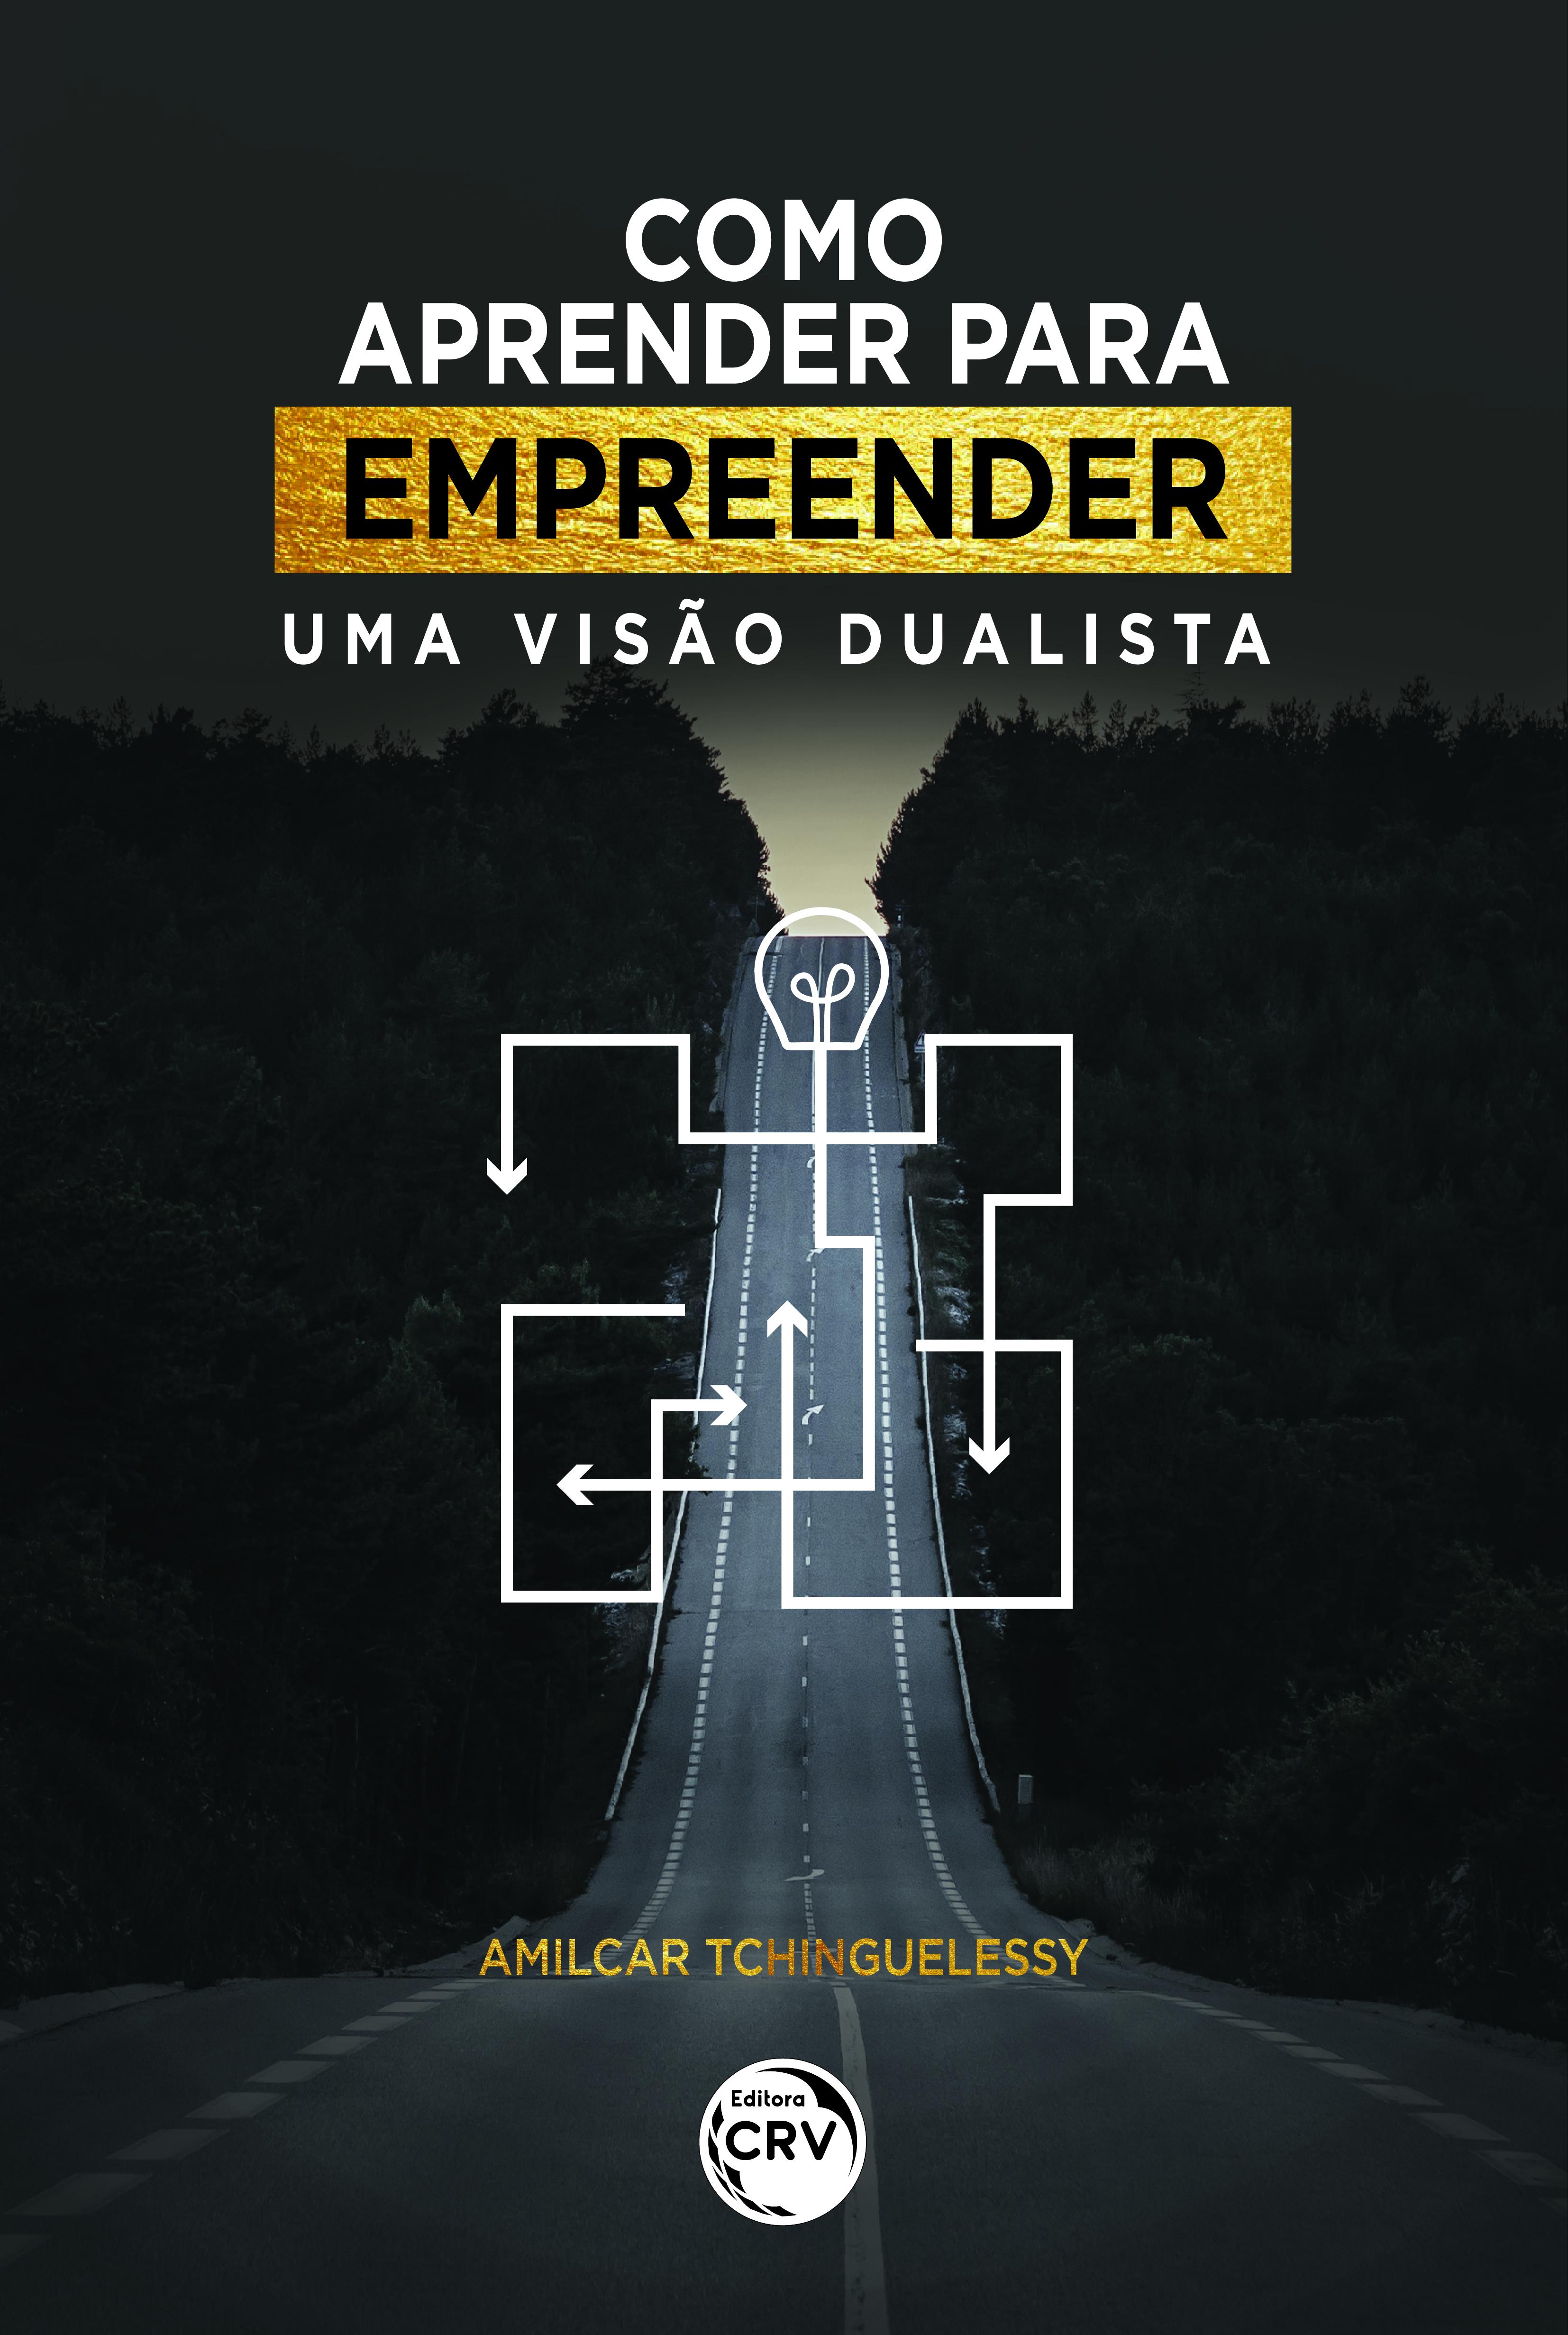 Capa do livro: COMO APRENDER PARA EMPREENDER:<br> uma visão dualista